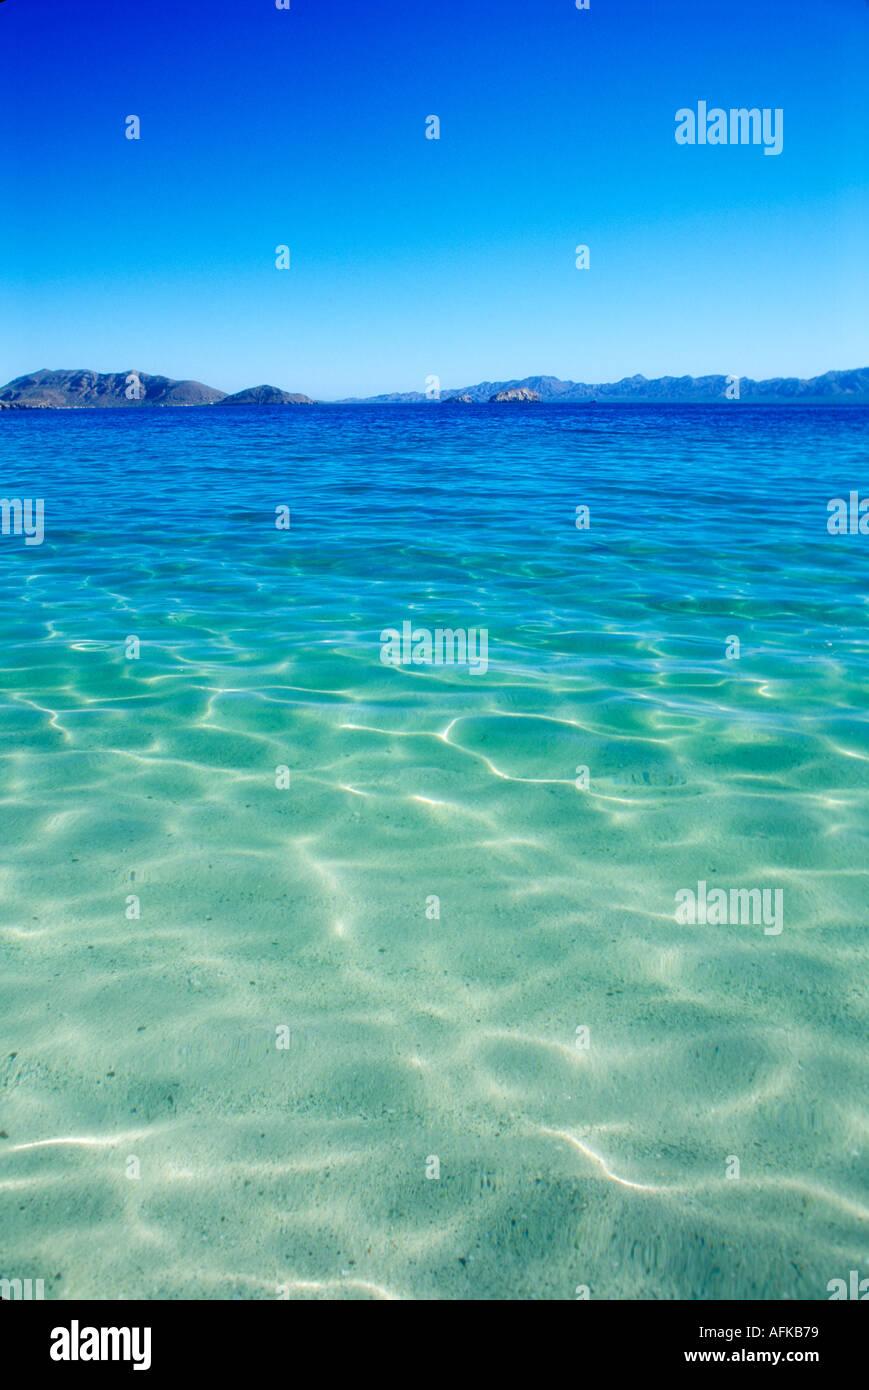 Effacer l'eau peu profonde près de Bahia Concepcion dans la mer de Cortez Baja California au Mexique Banque D'Images